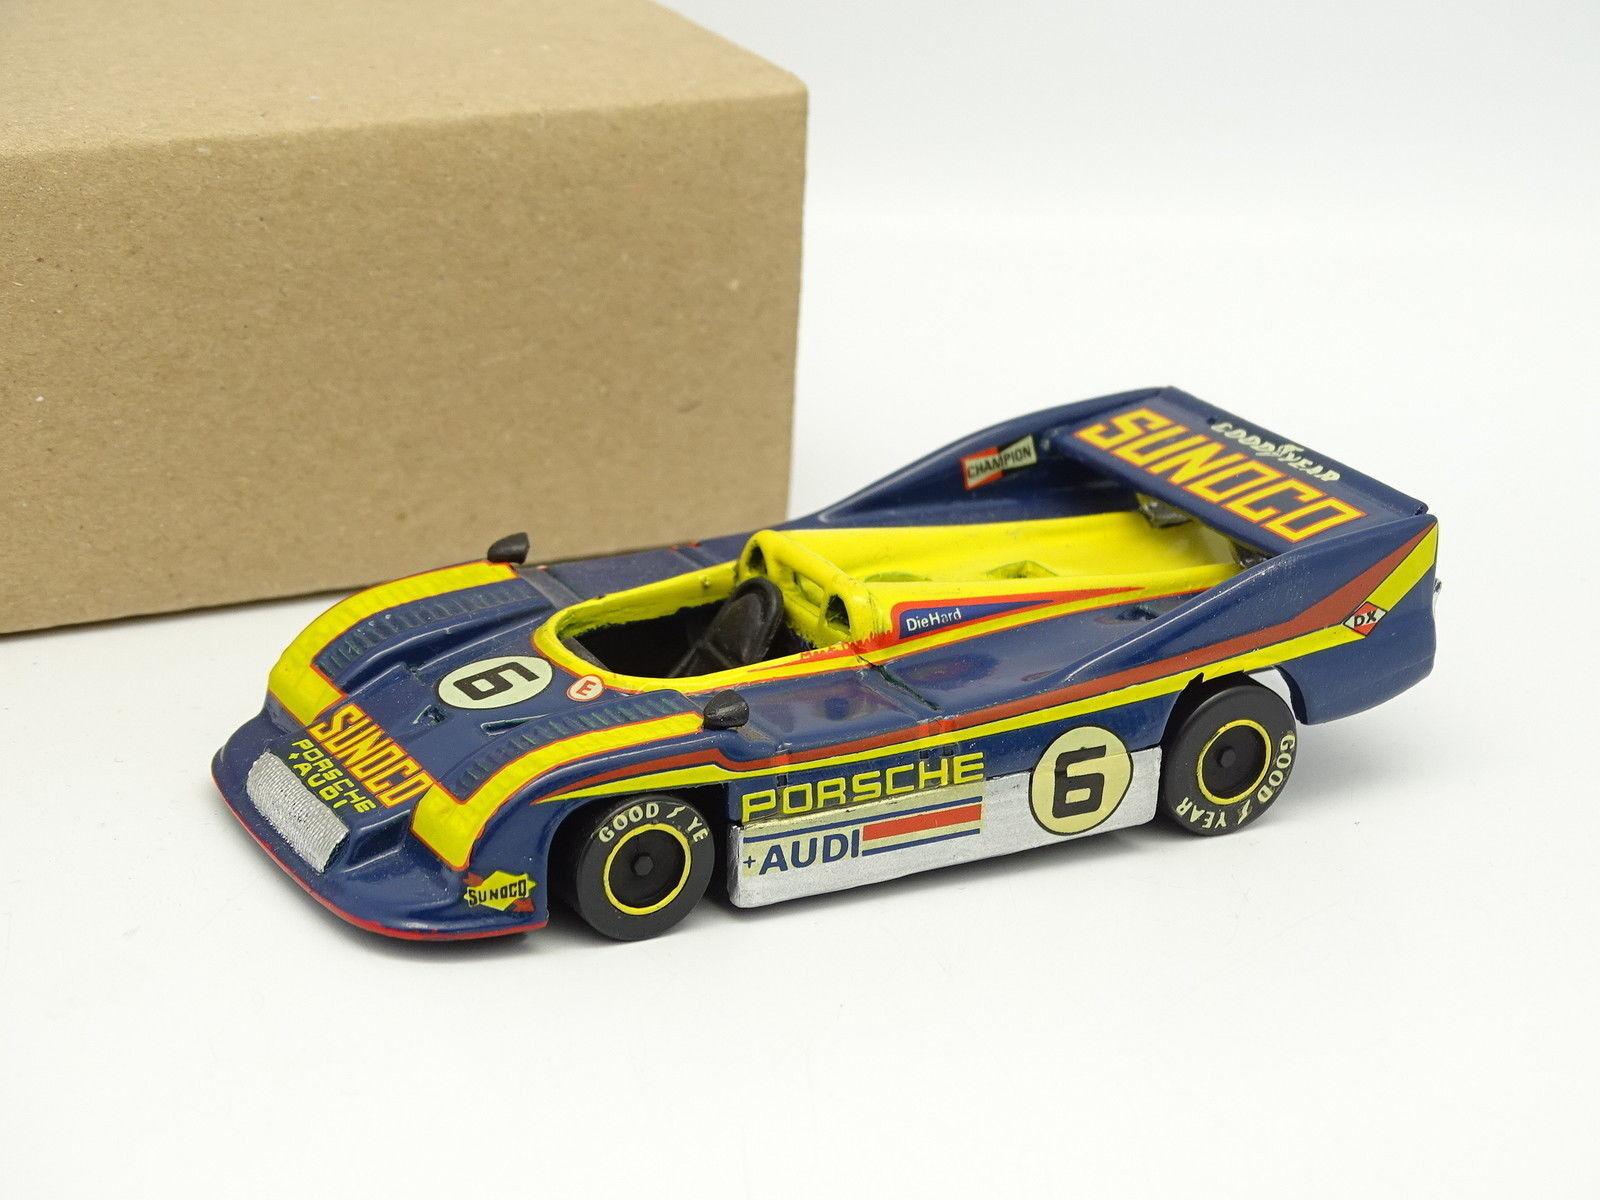 Eligor Evrat Kit Monté Resina 1 43 - Porsche 917 30 Sunoco Can Am 1973 N°6